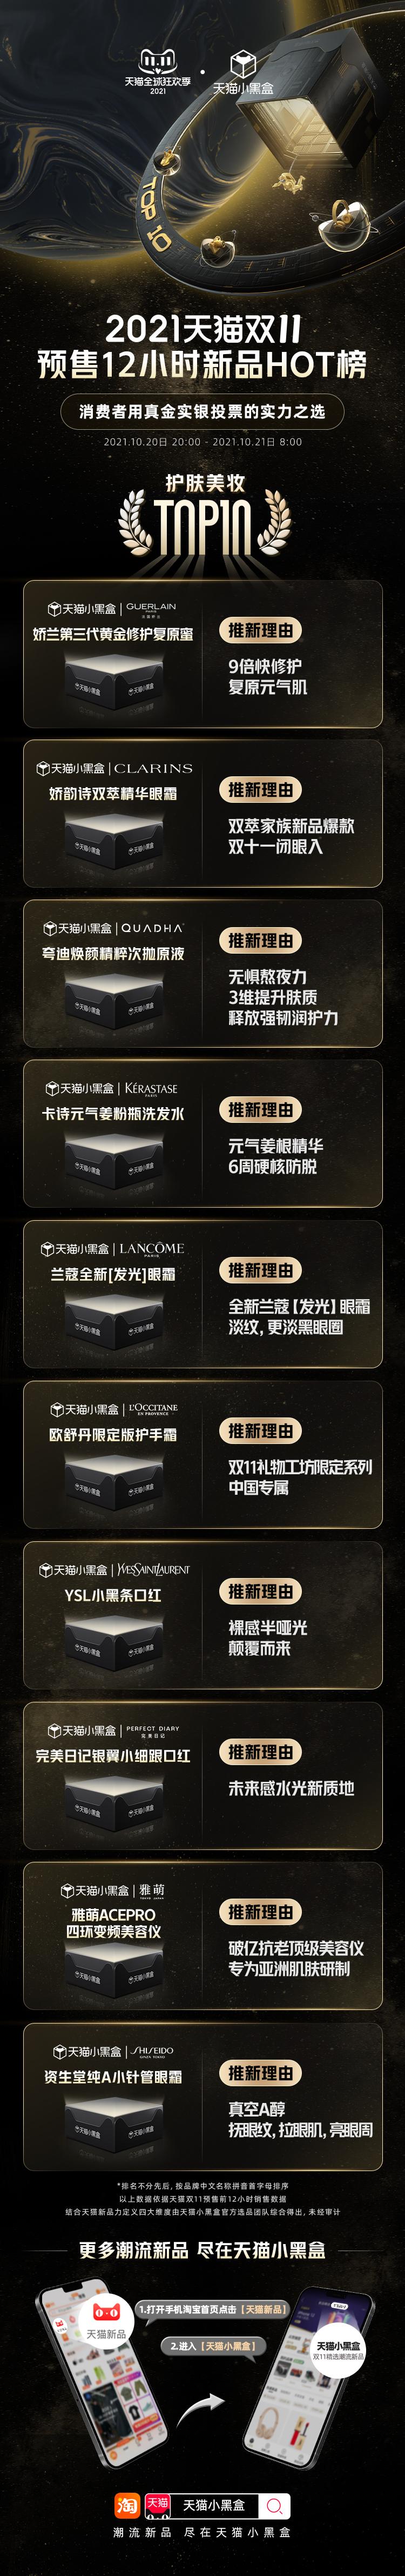 """大牌齐聚双11上演新品首秀""""追新""""成为消费新趋势"""